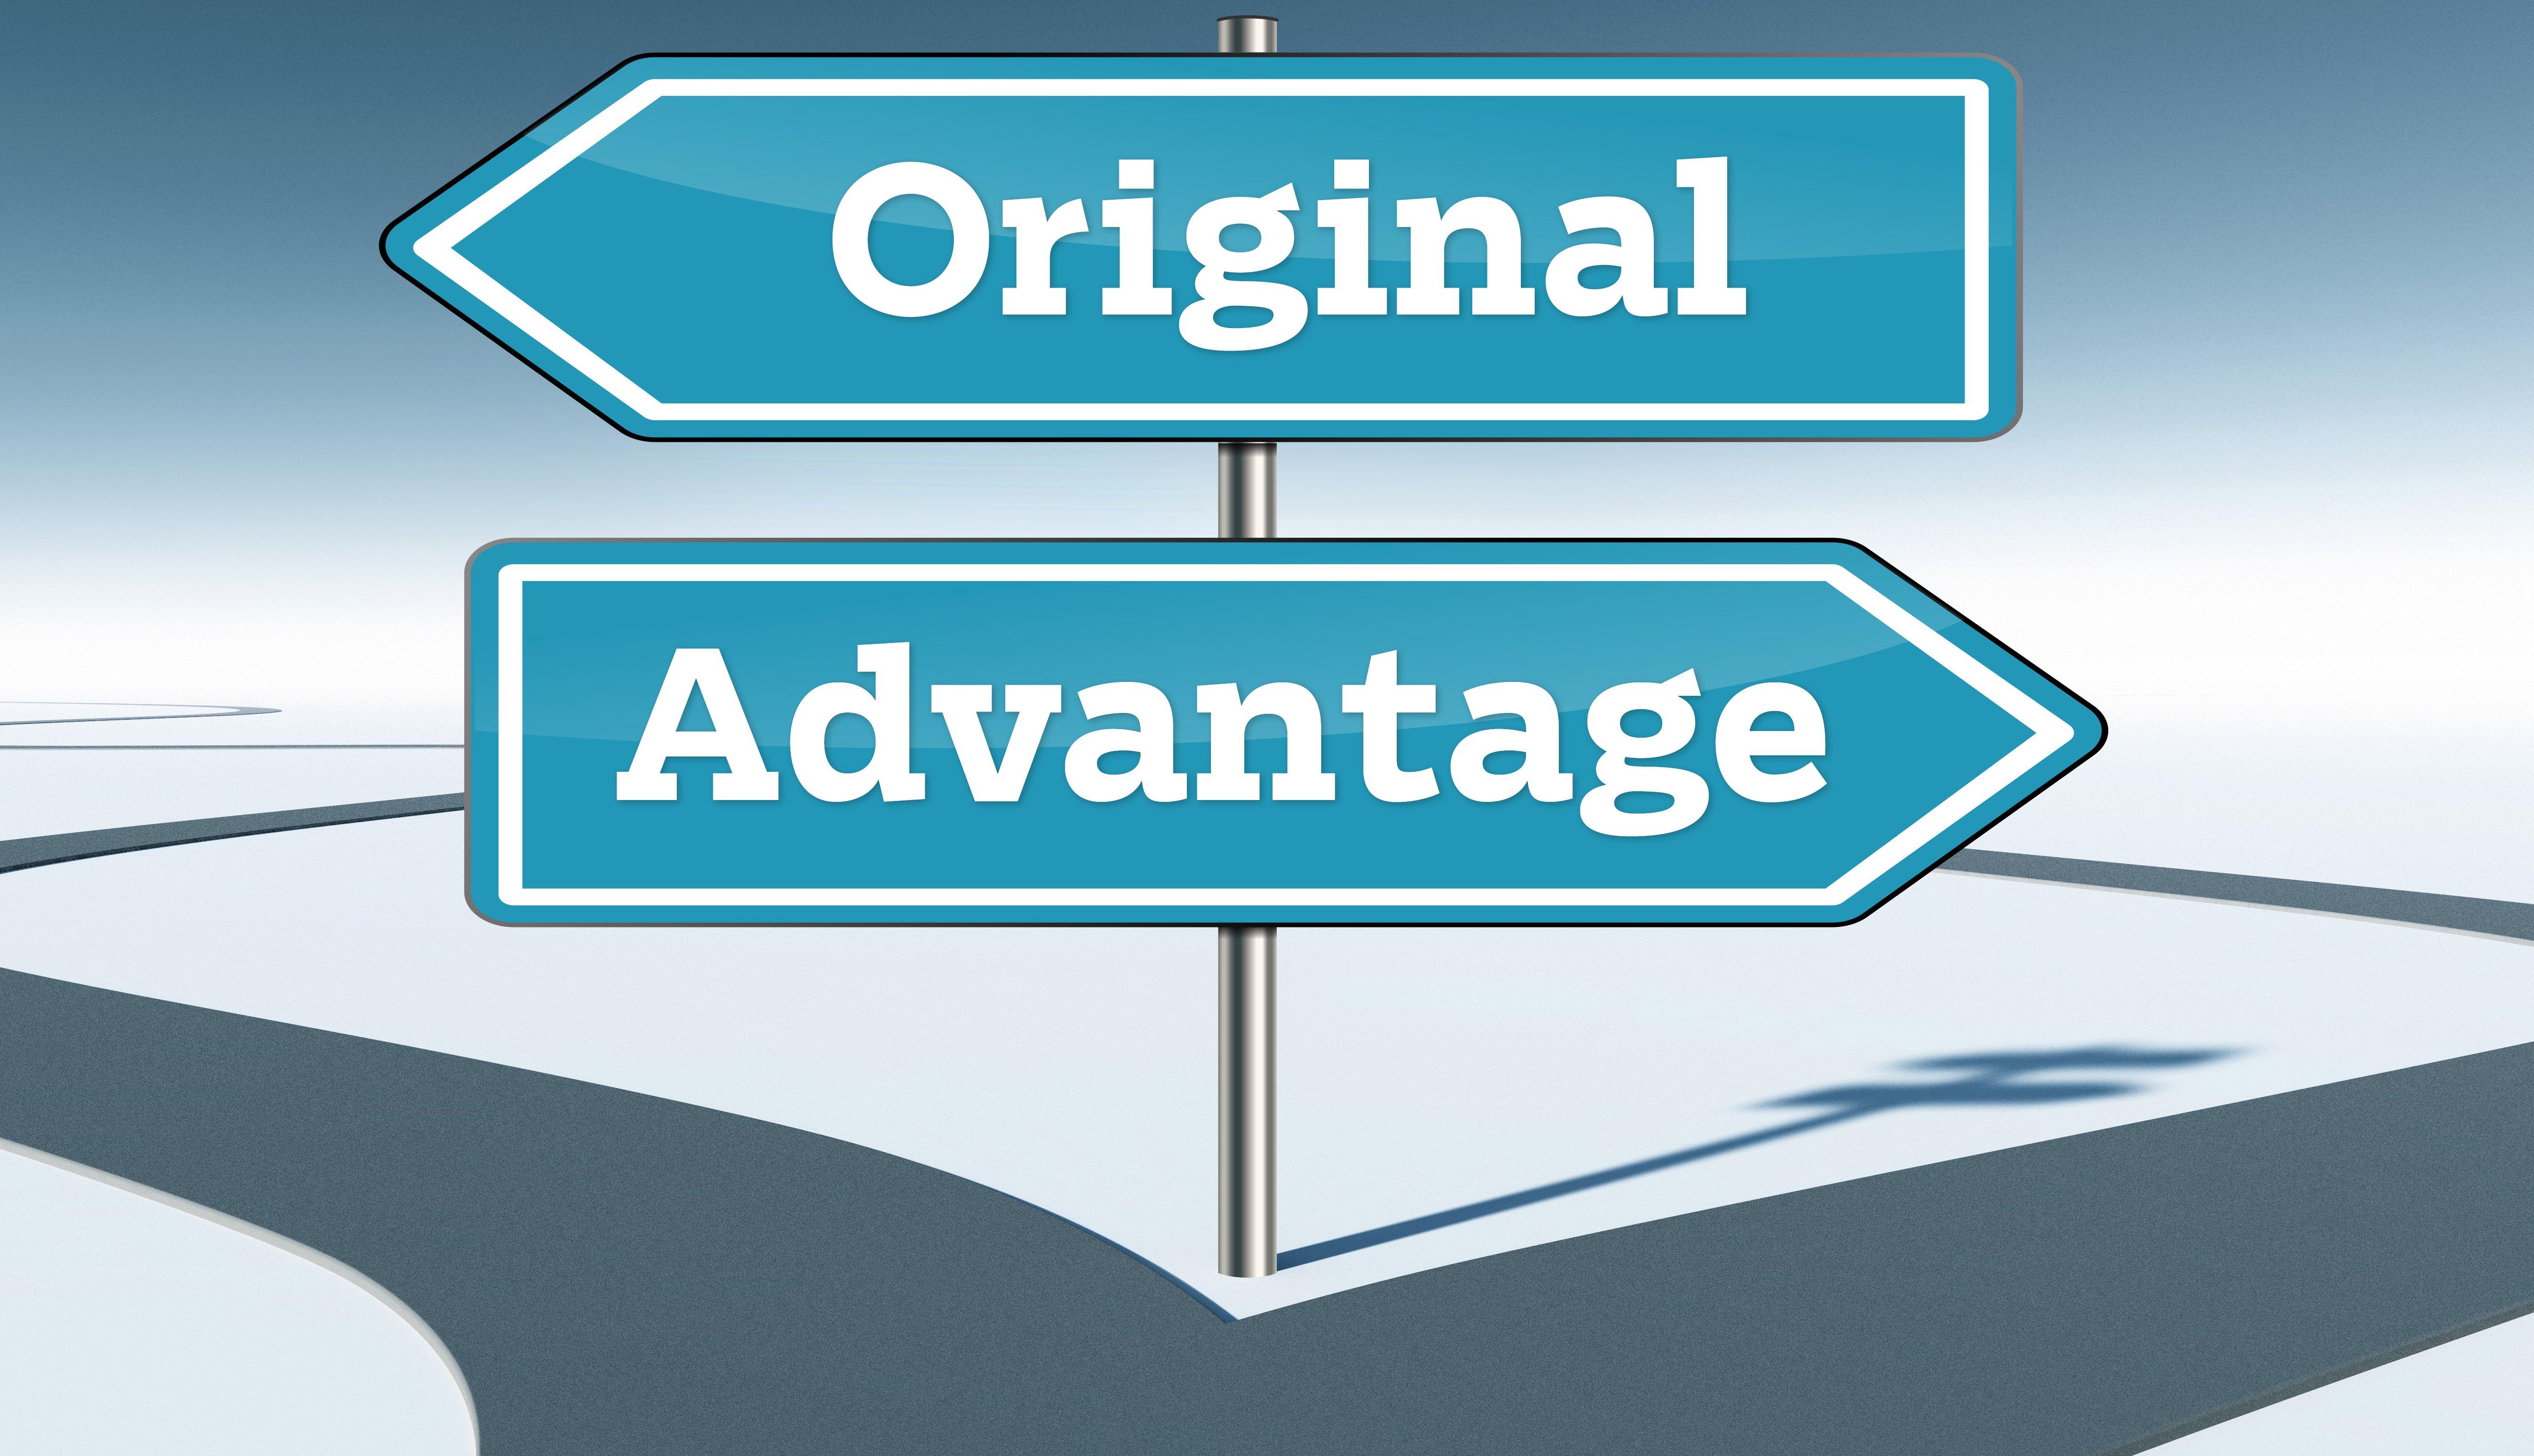 Ilustración que muestra una carretera que se divide en dos y dos rótulos que dicen original y advantage en referencia a Medicare